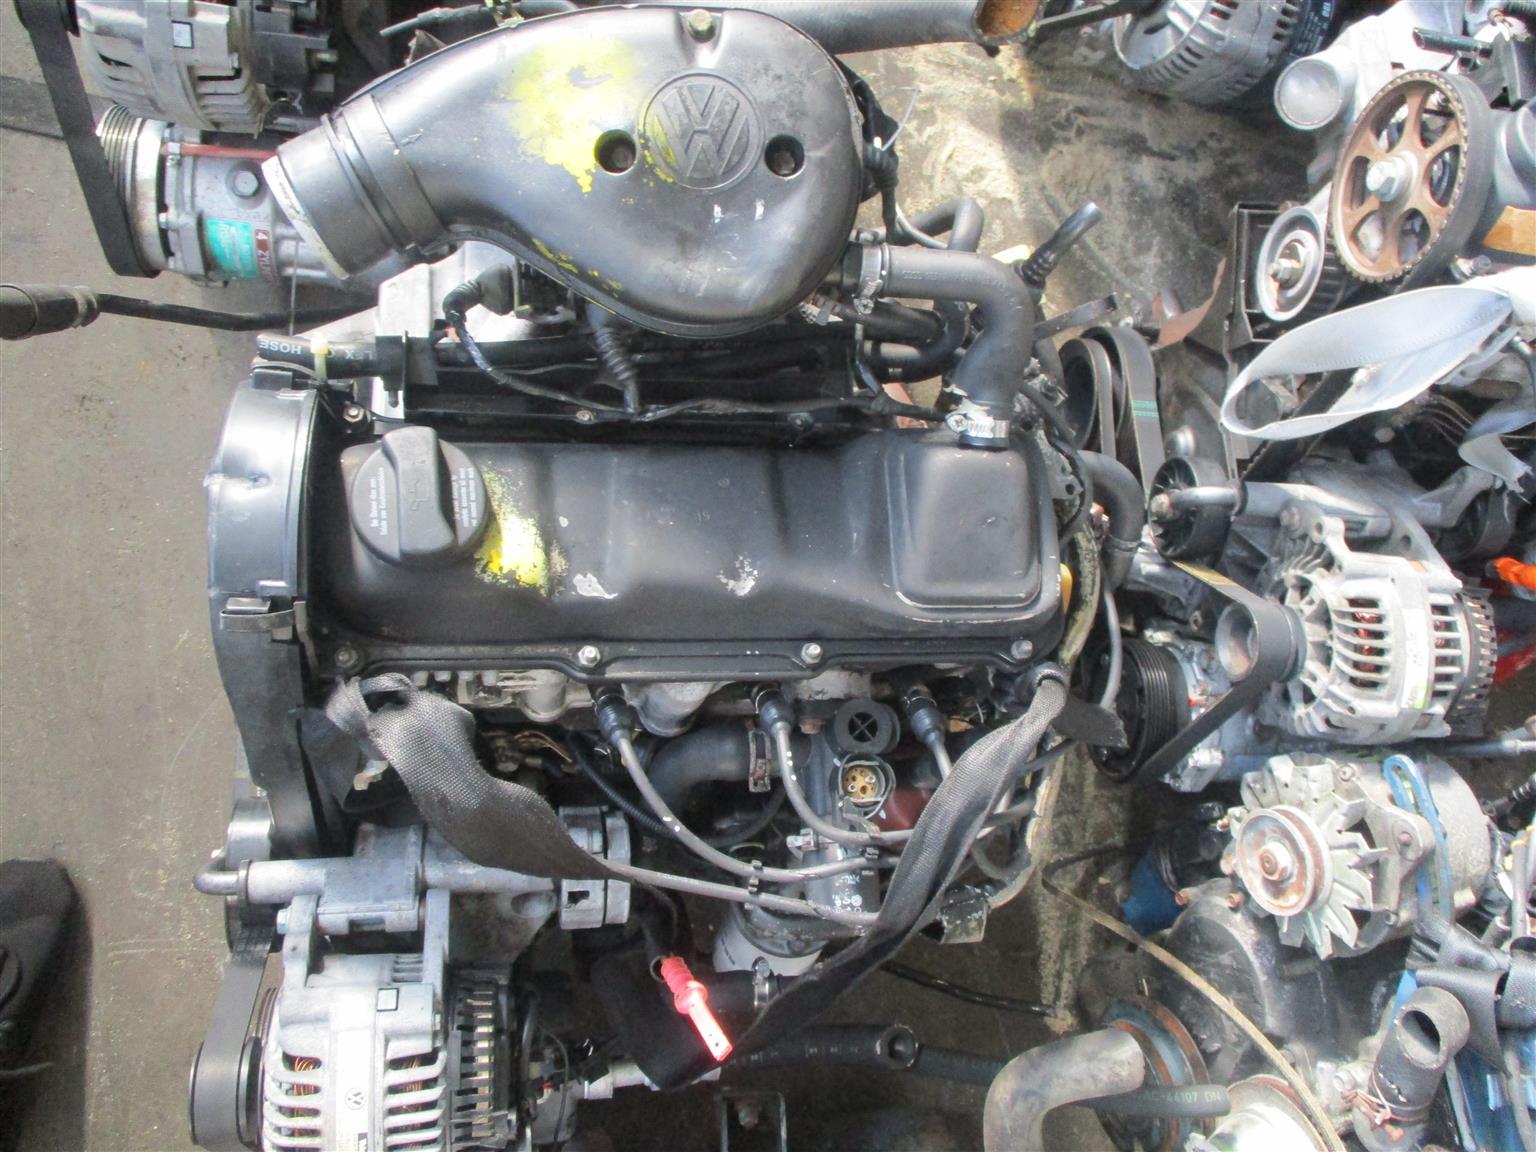 VW Golf MK1 1 8i engine for sale